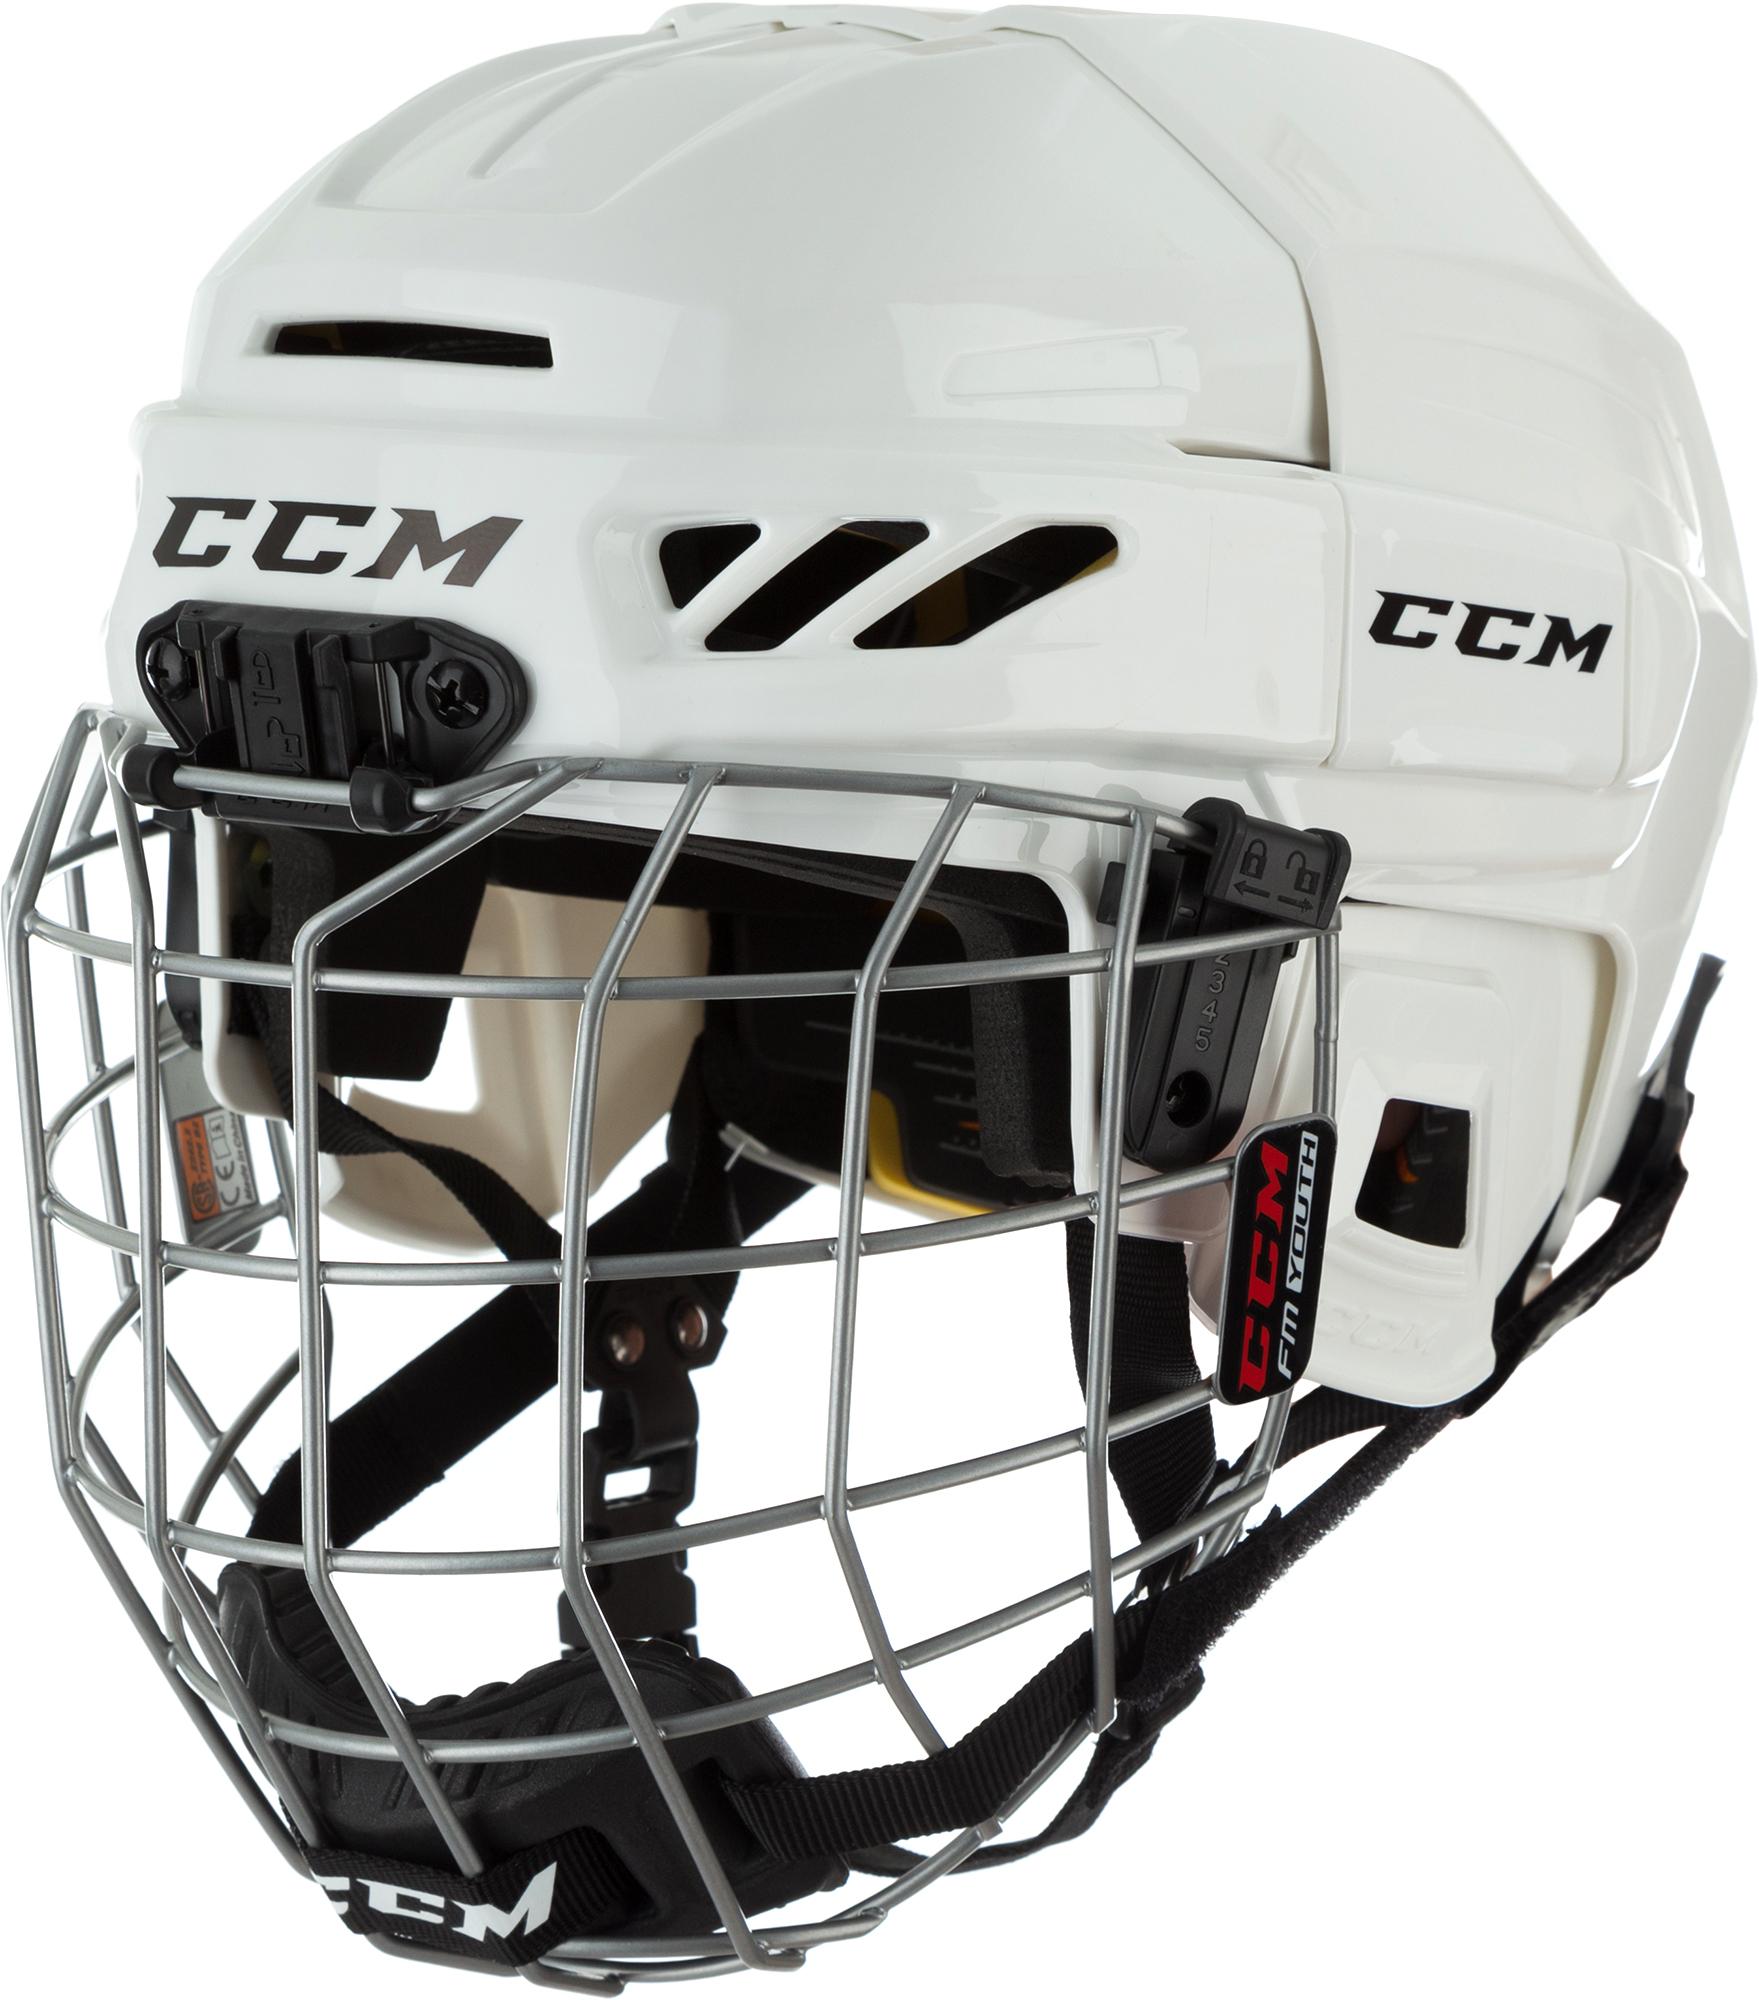 CCM Шлем хоккейный с маской детский CCM Ht Fitlite 3Ds Youth